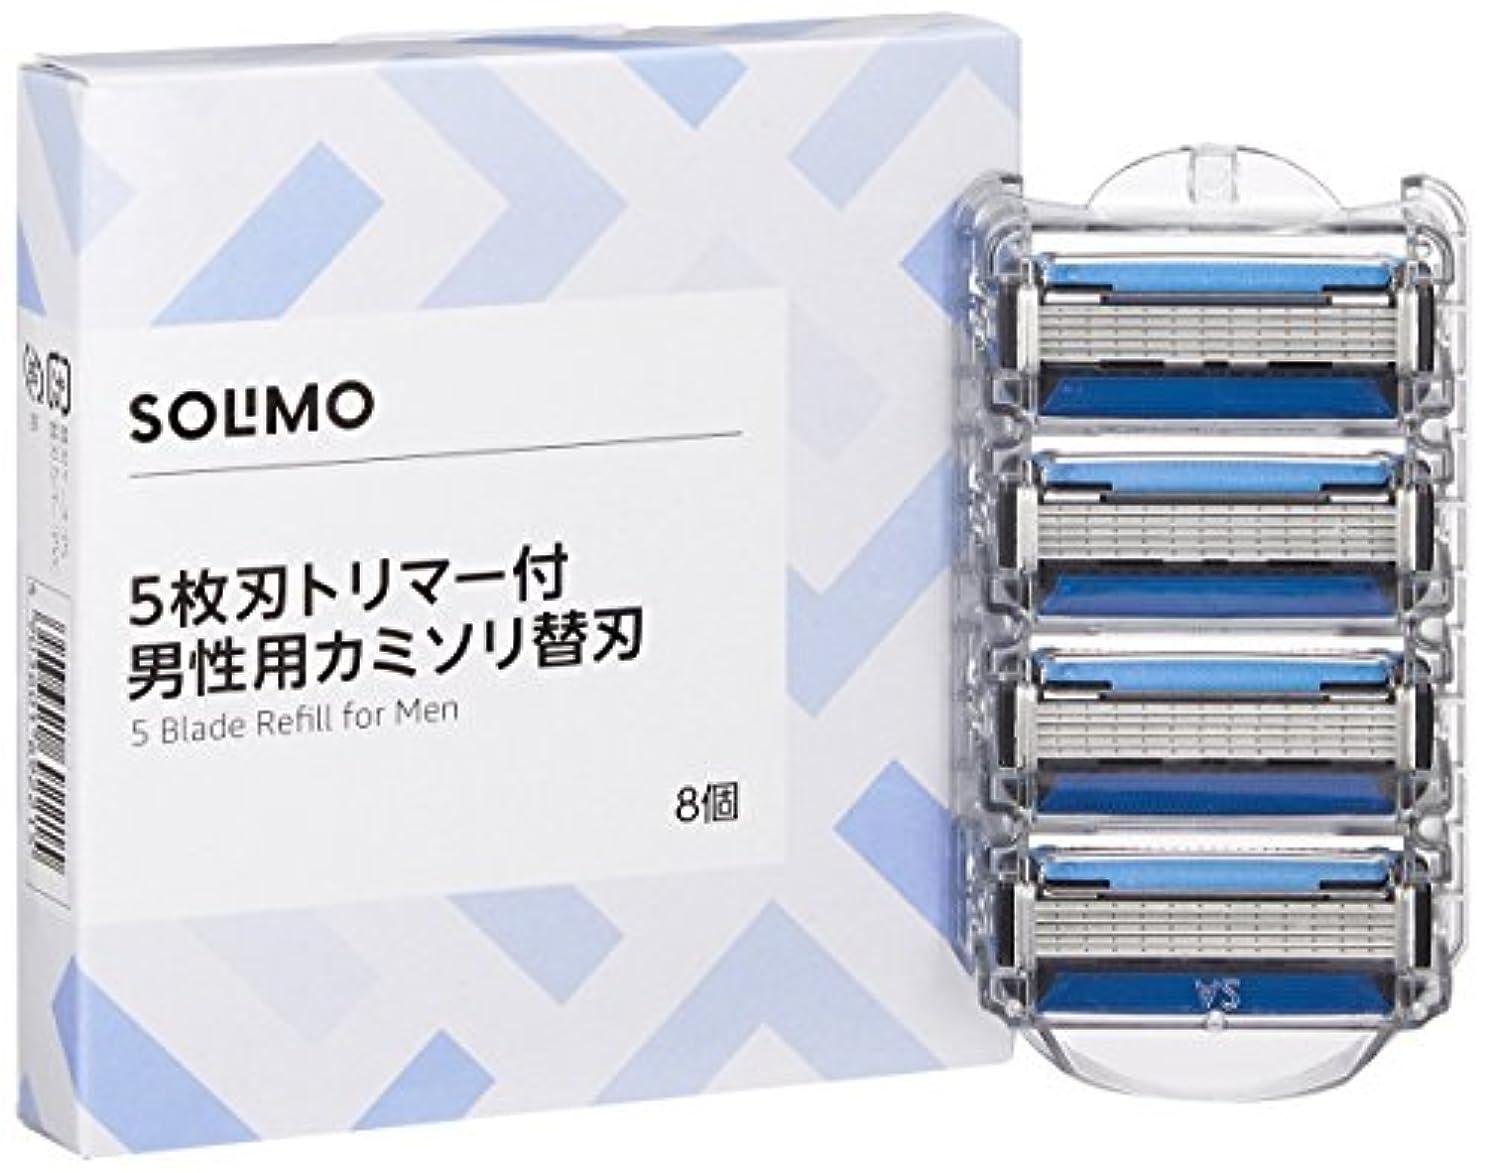 苦痛舌補正[Amazonブランド]SOLIMO 5枚刃 トリマー付 男性用 カミソリ替刃8個